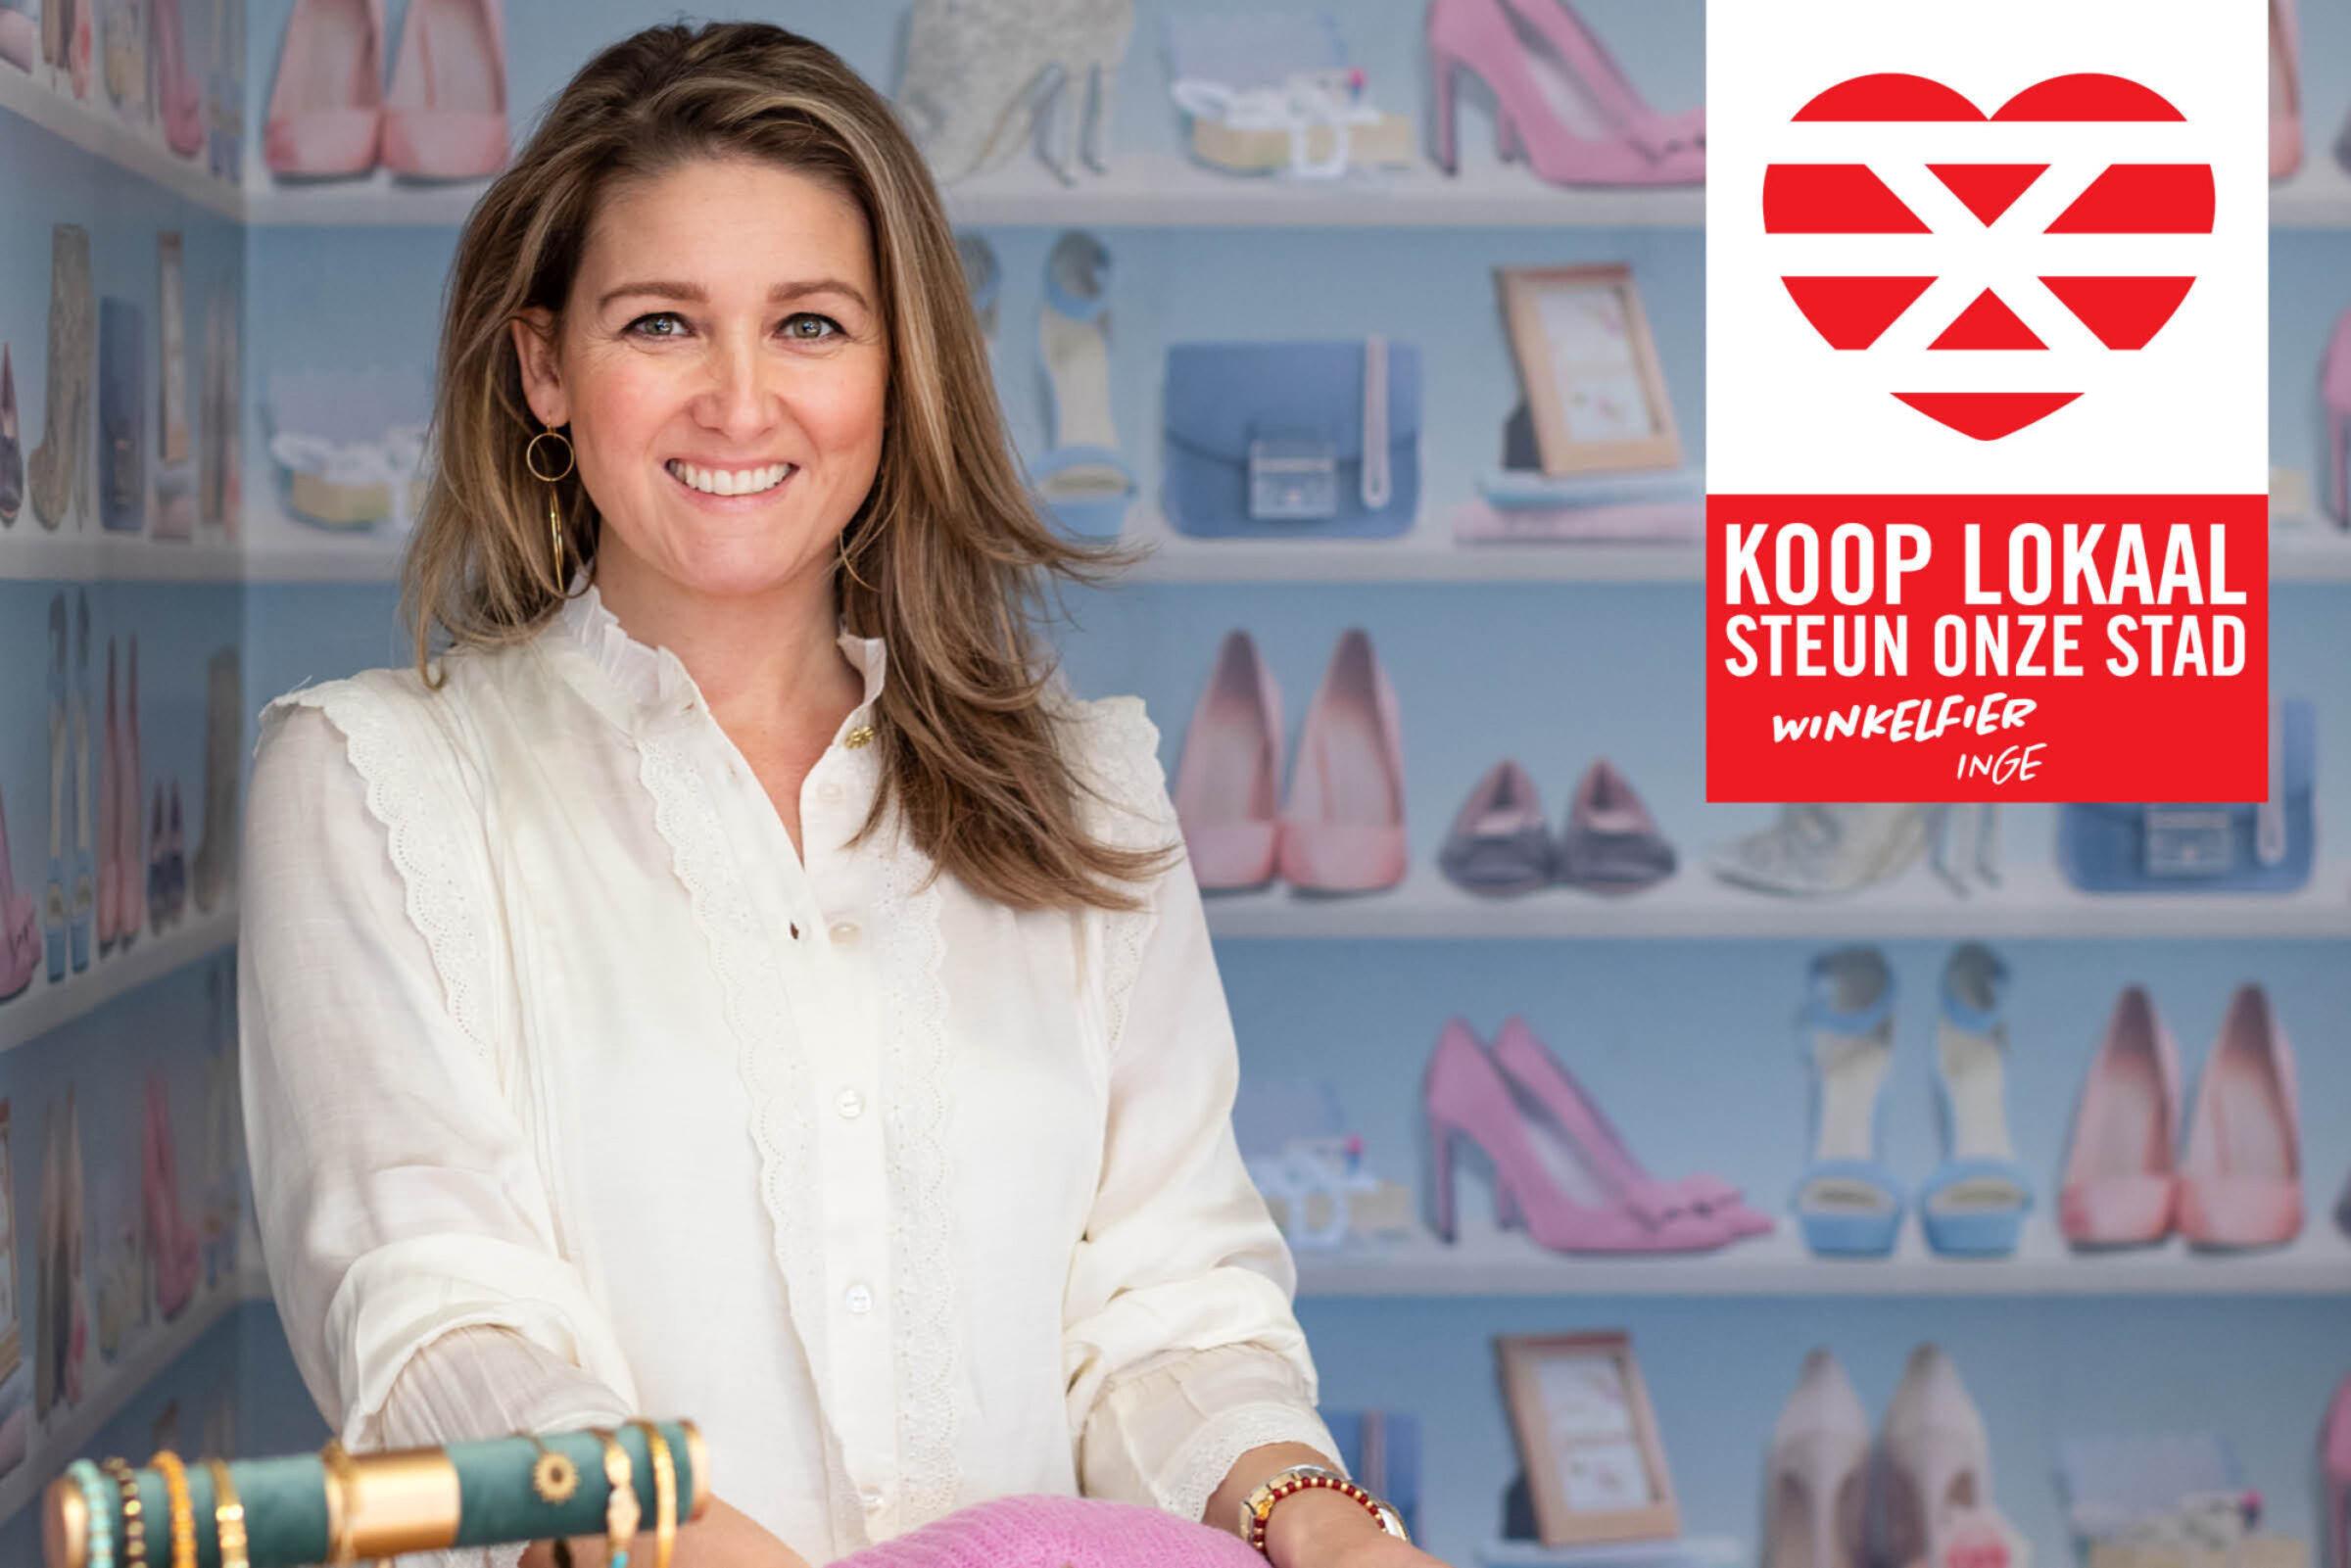 Steun onze stad Koop lokaal Enschede Winkel Fier Inge